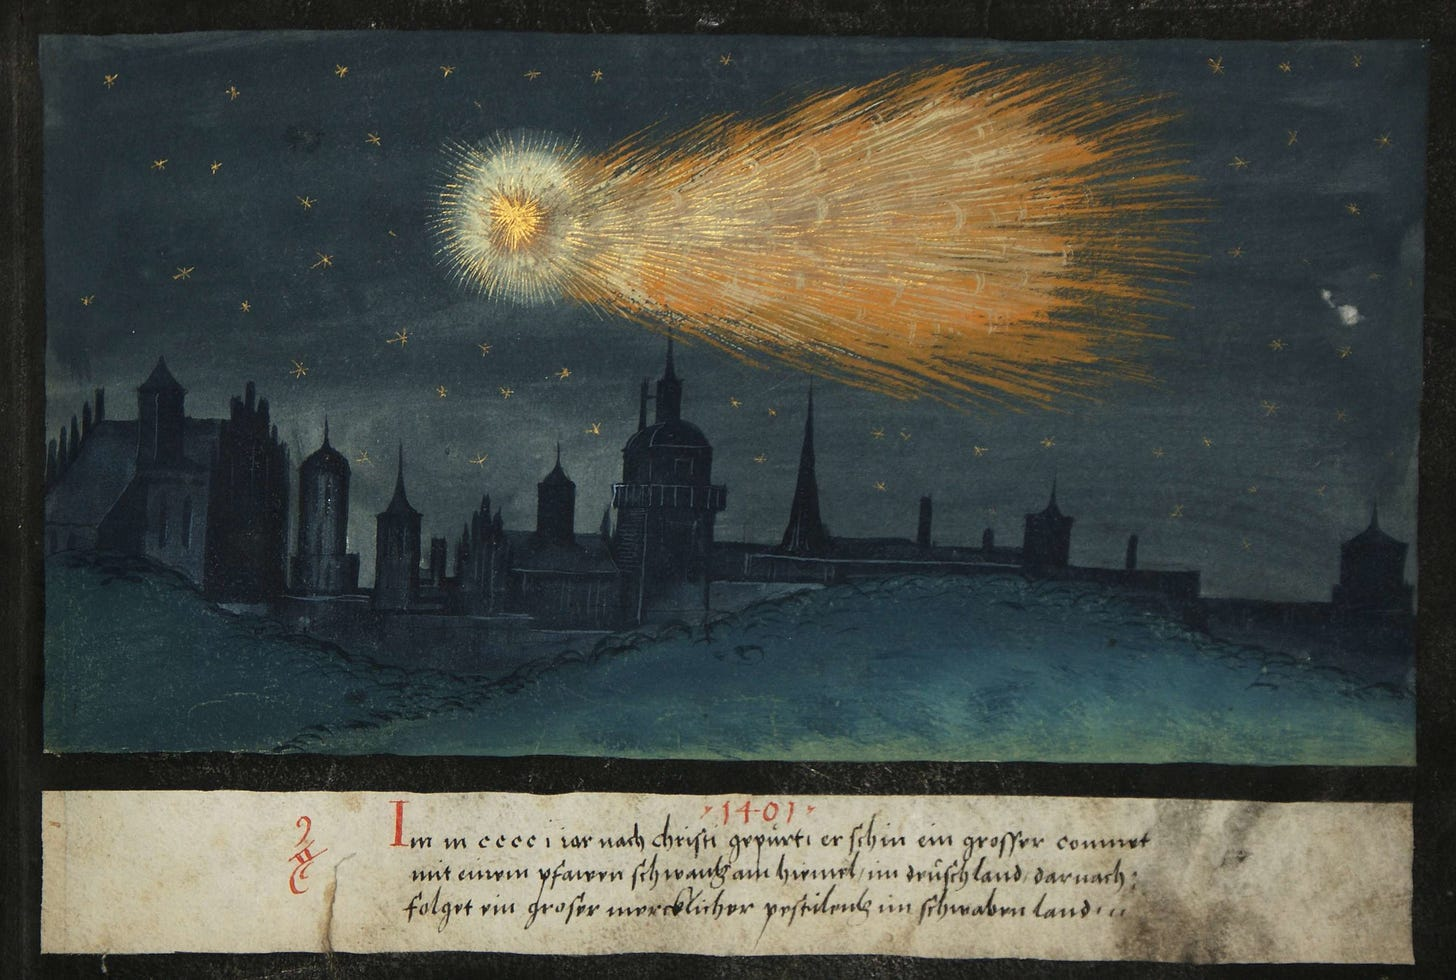 Augsburger Wunderzeichenbuch, Folio 65.jpg